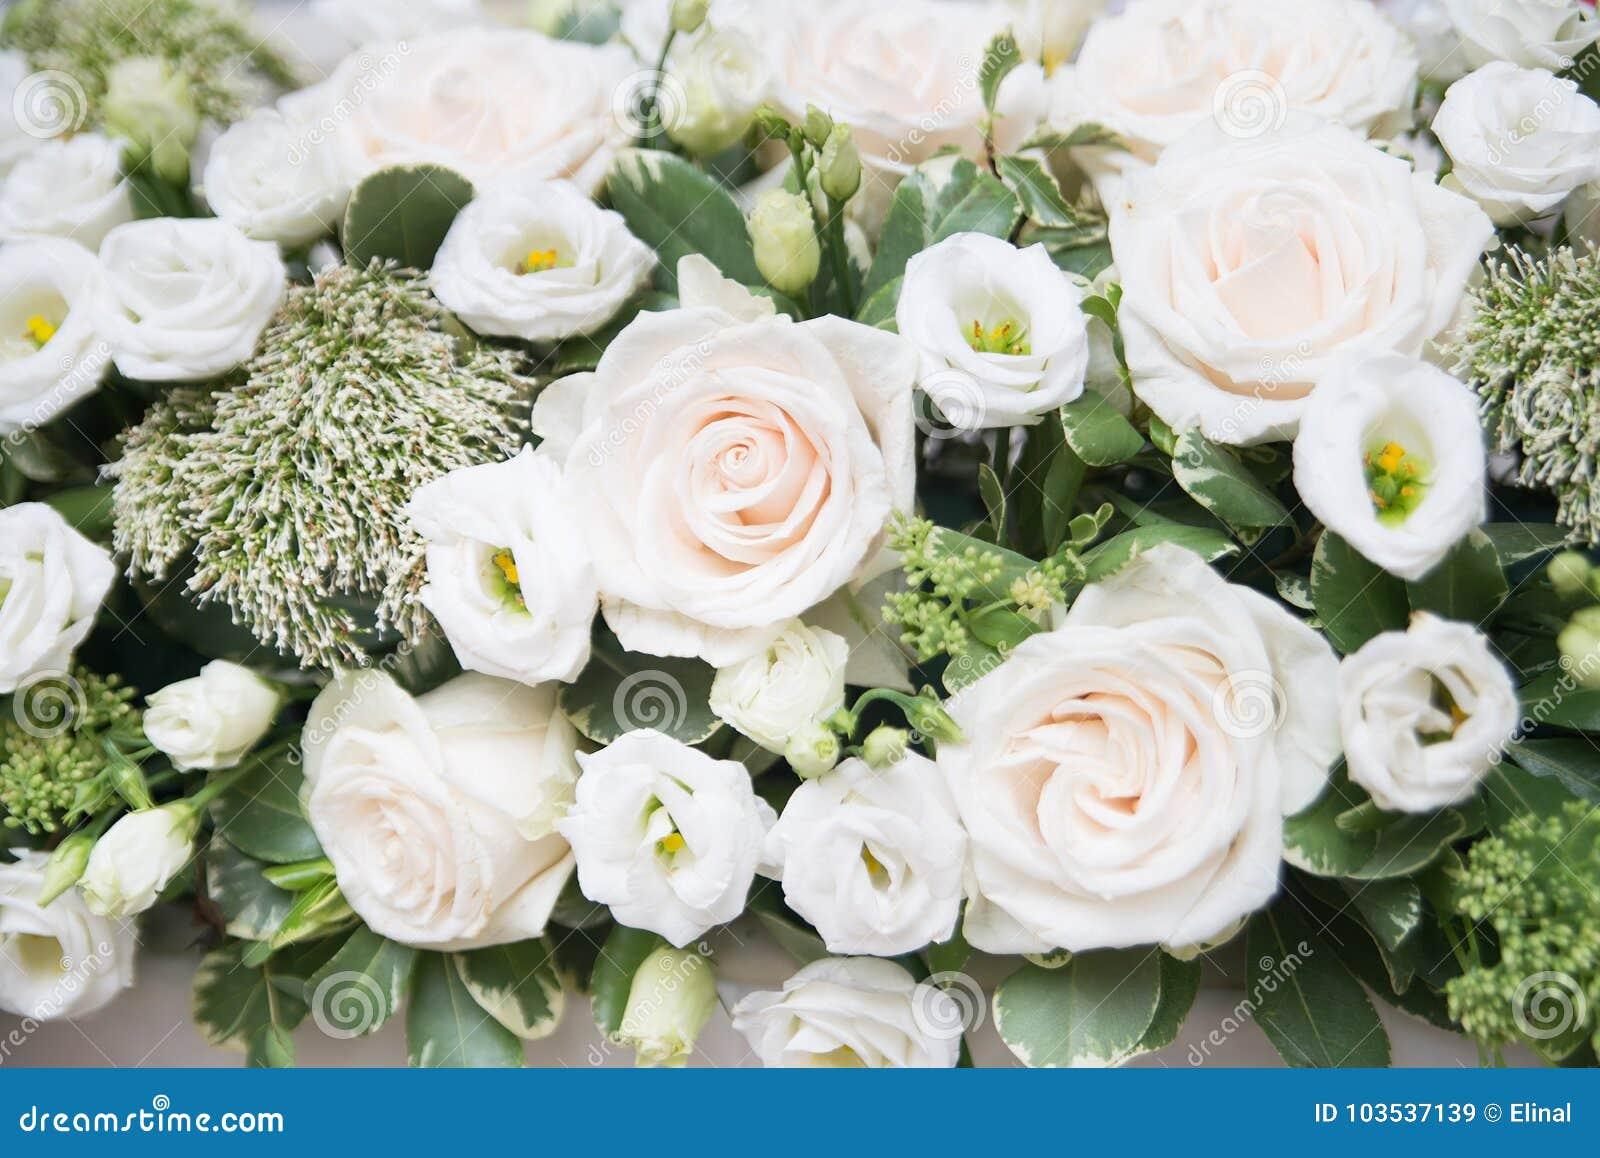 Wedding Flowers Background Decoration Marriage Stock Image